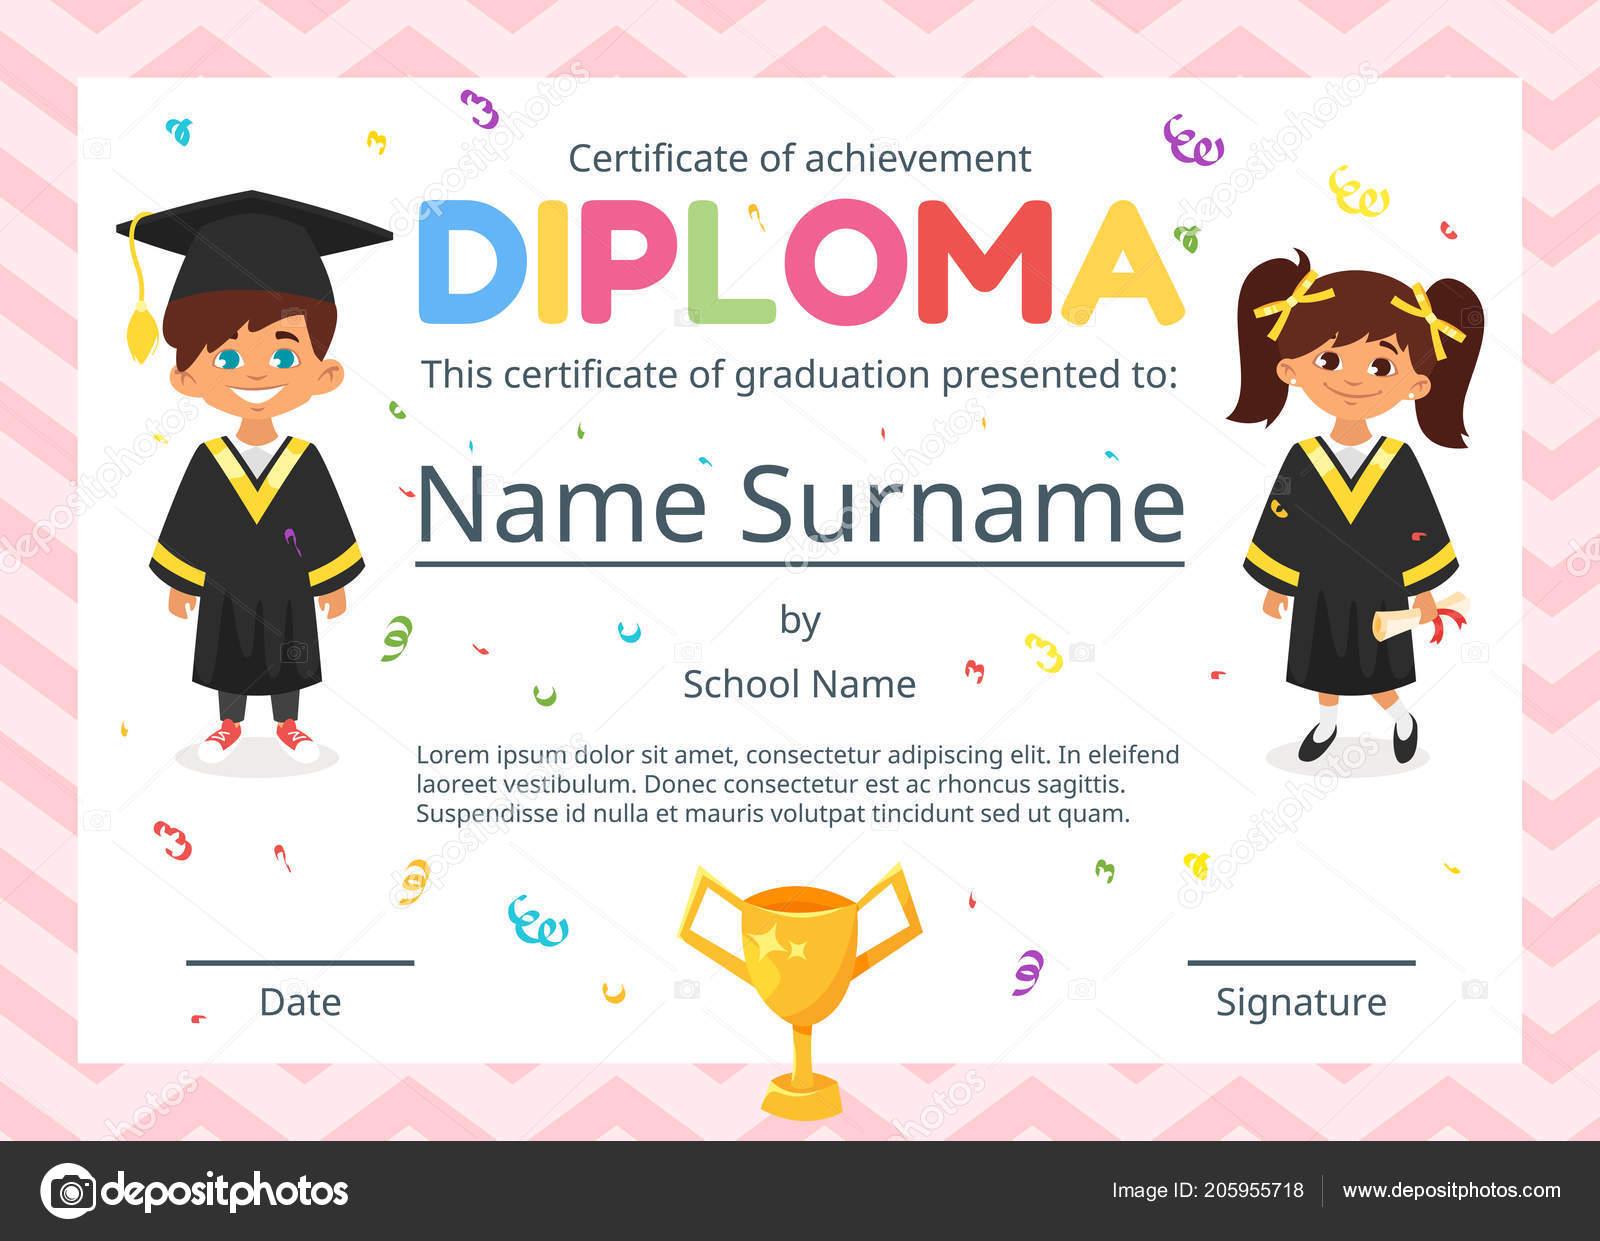 certificado de diploma de crianças para o pré escolar \u2014 vetores devetor desenho animado estilo modelo de layout para certificado de diploma de crianças de jardim de infância, escola ou pré escola